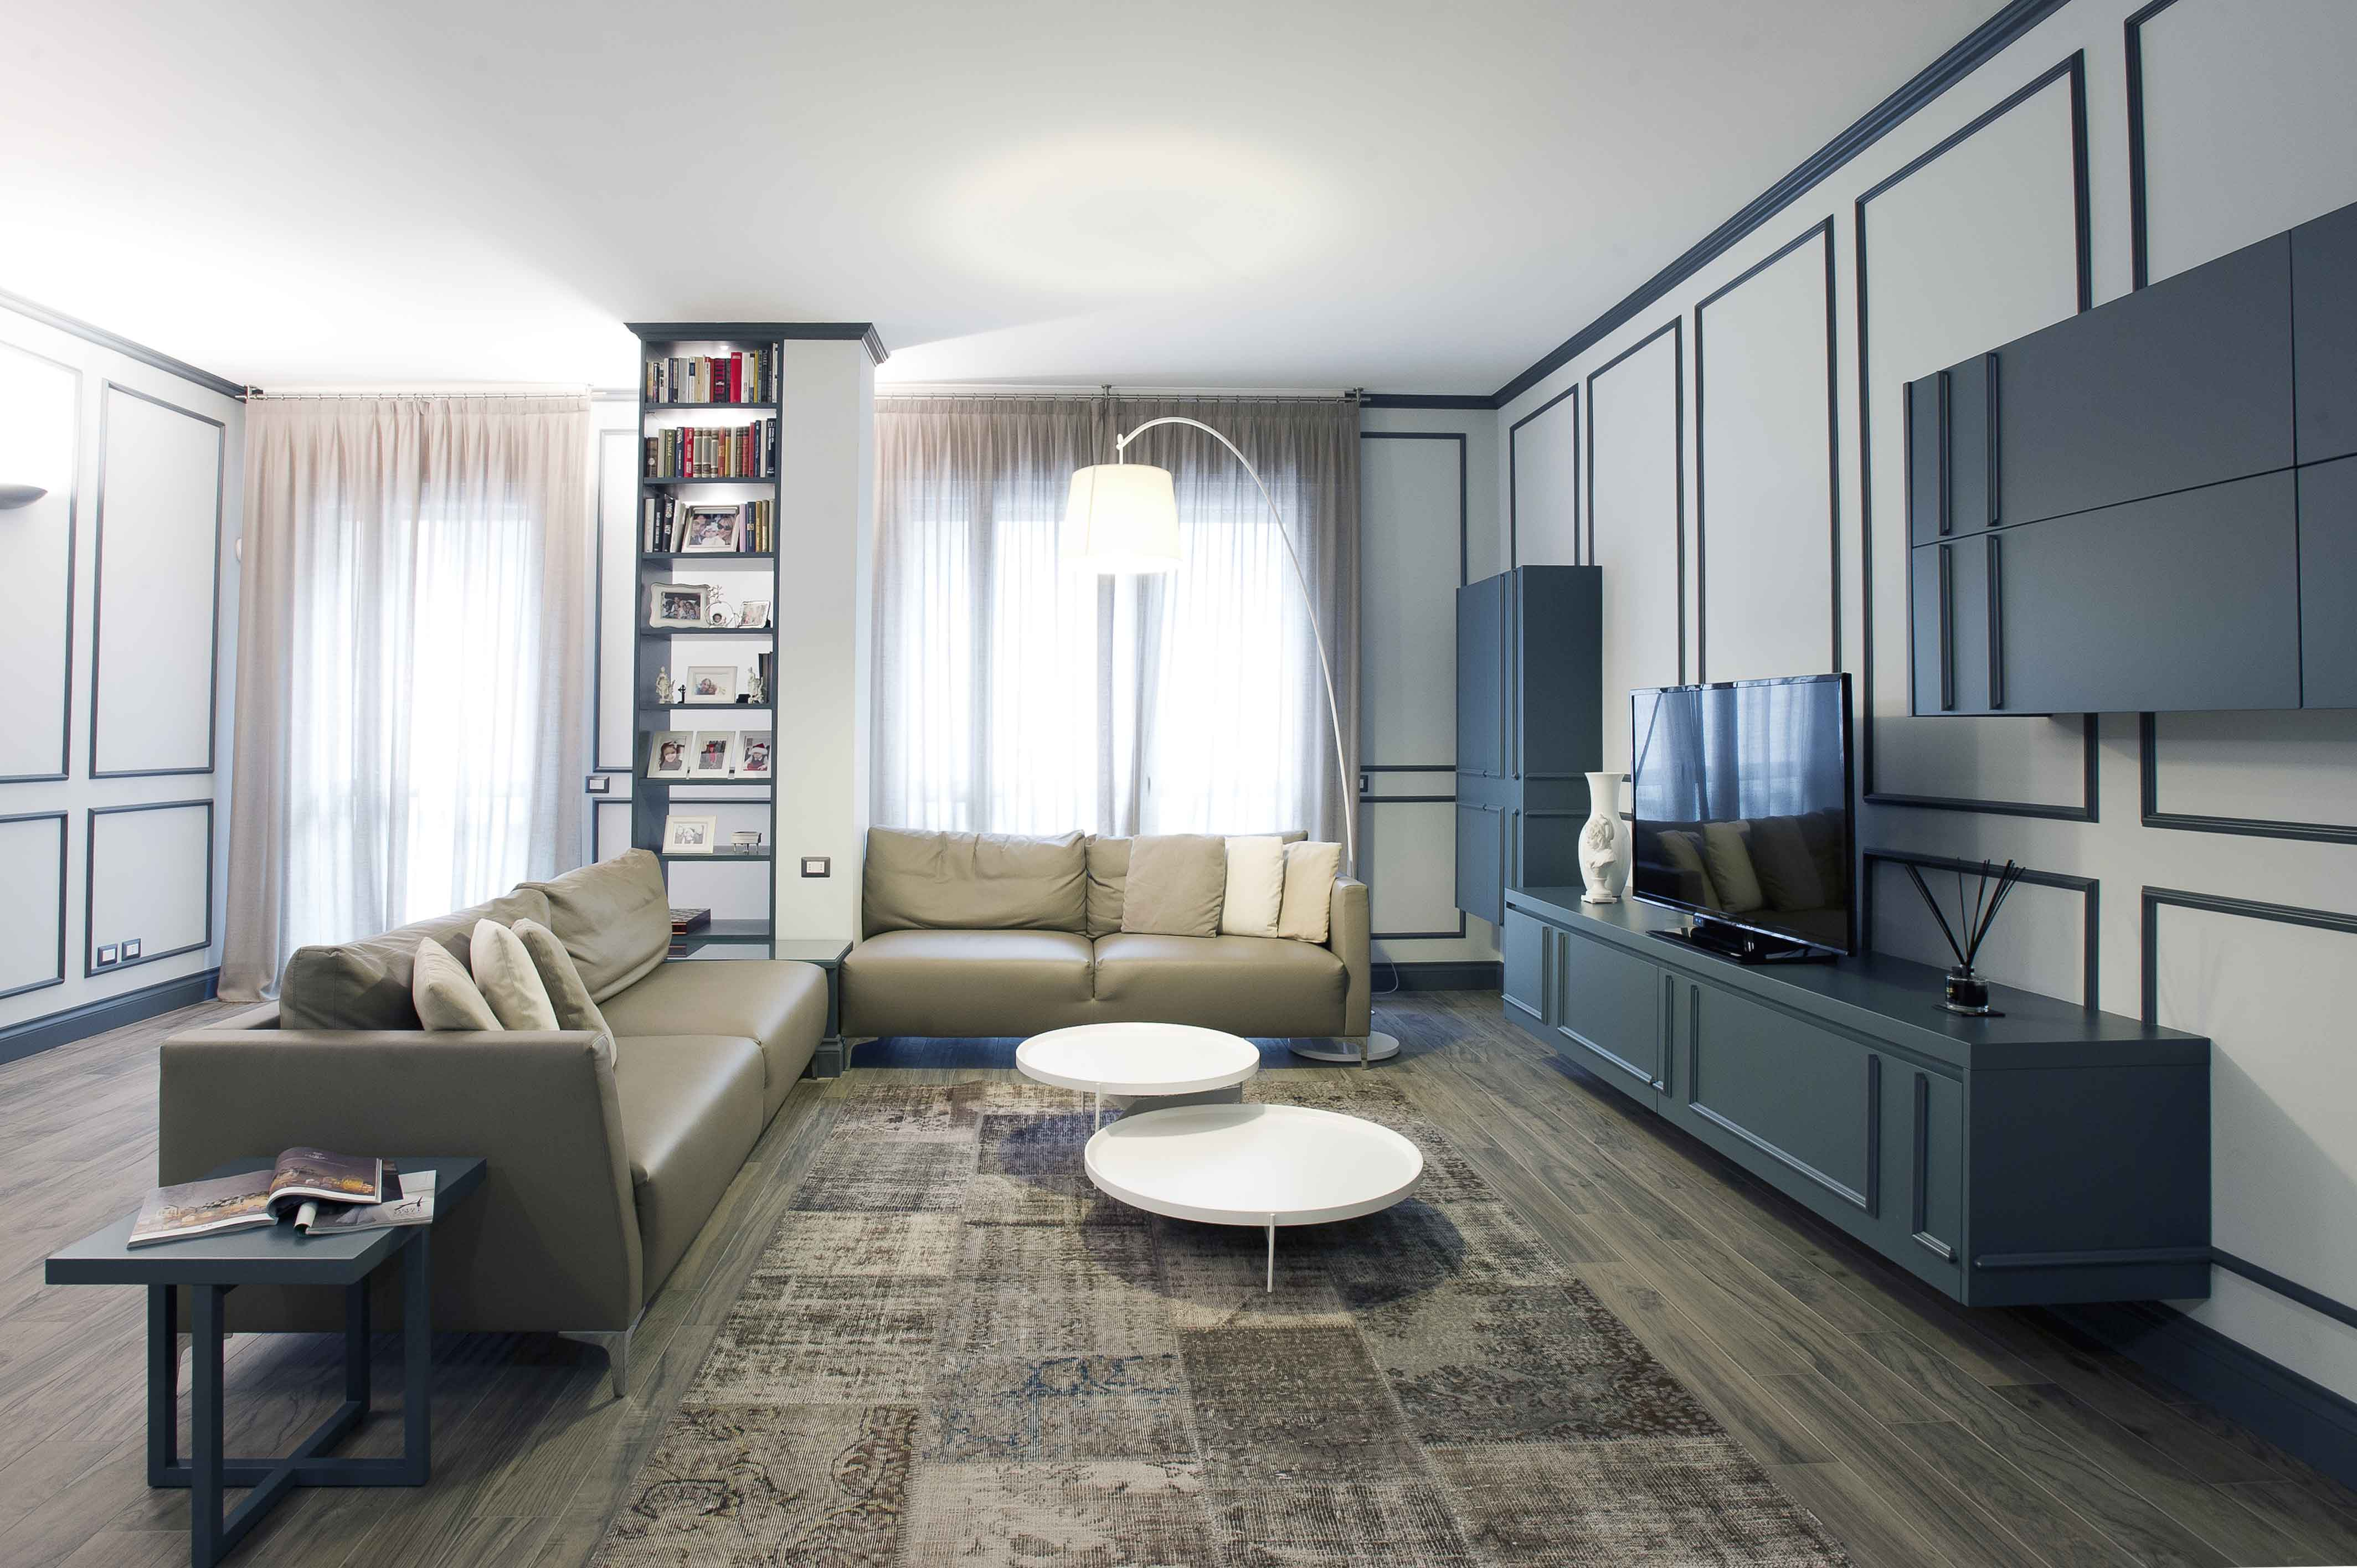 Latest il mirino la idea x bella casa interior design best for Interior designer milano